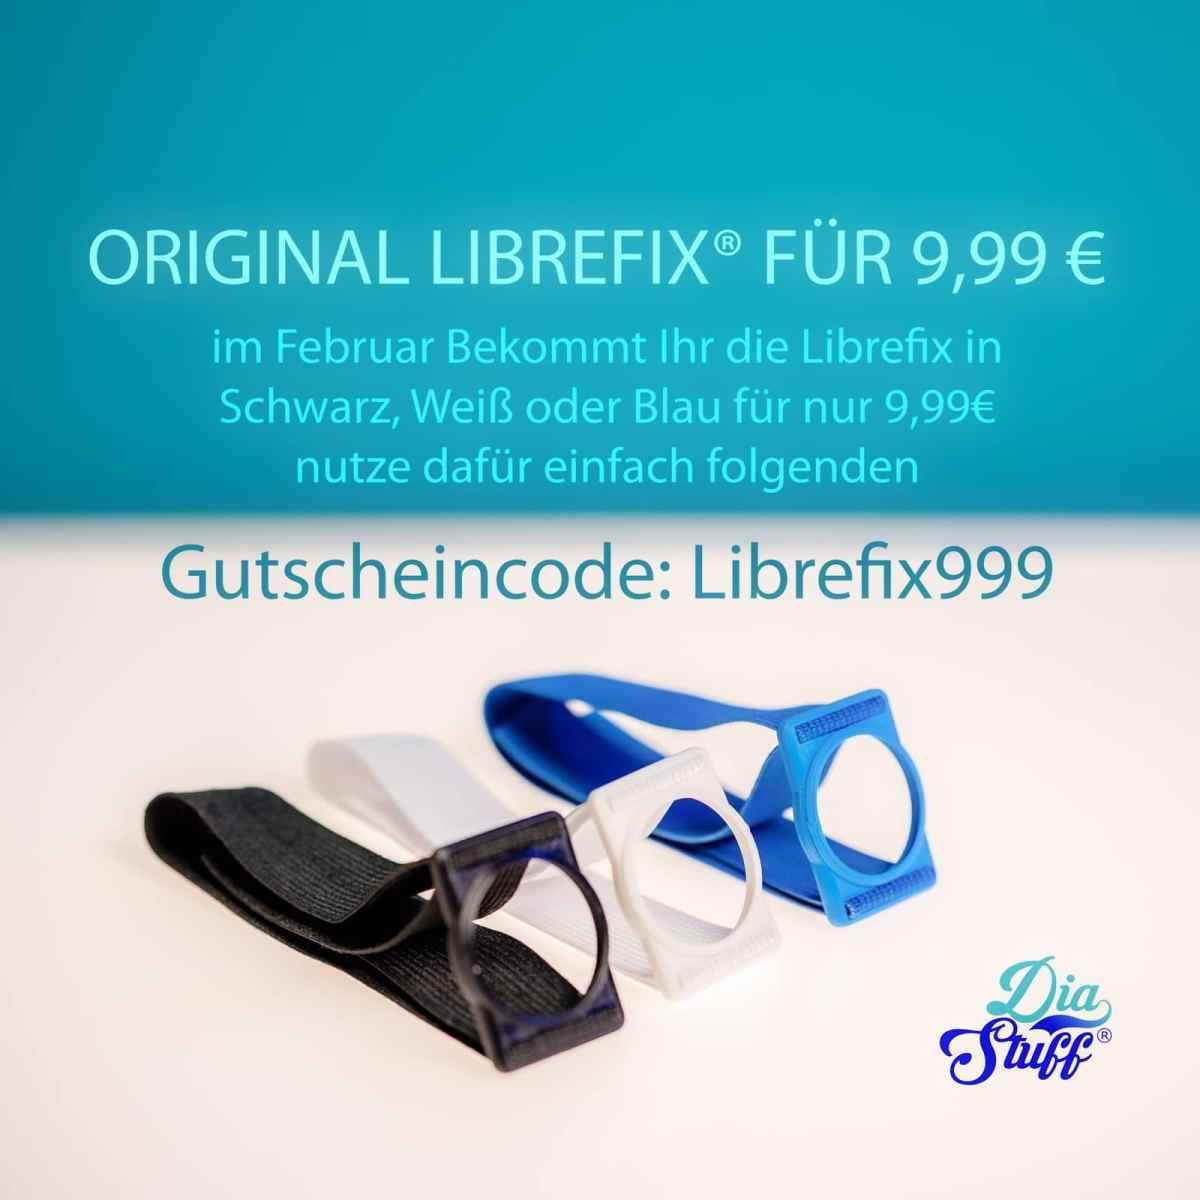 Librefix für 9,99€